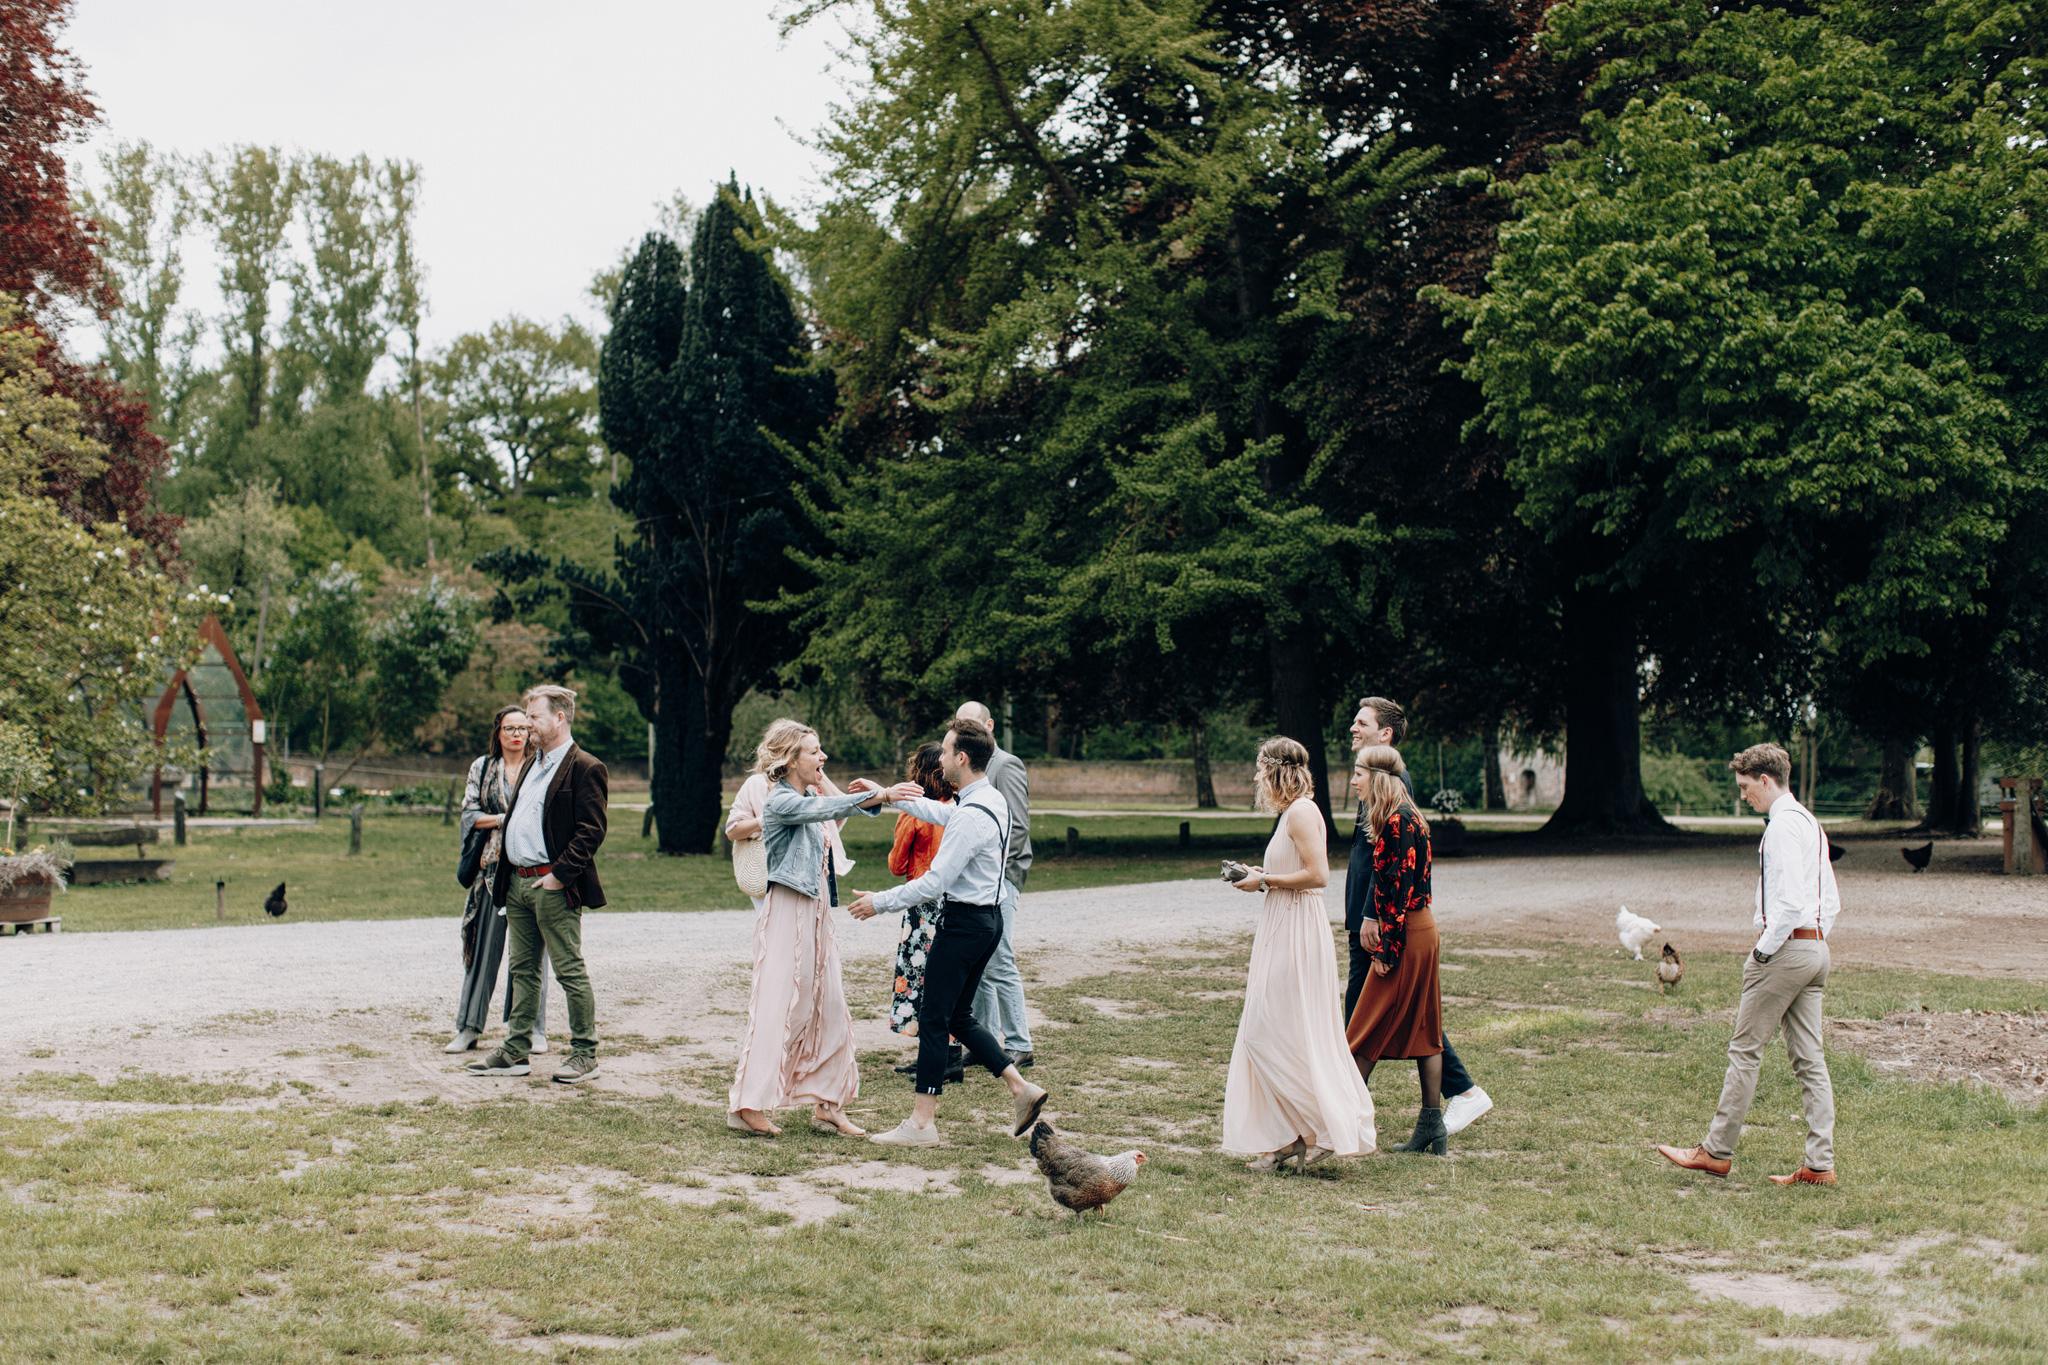 Bruidegom verwelkomd gasten bij Kloster Graefenthal